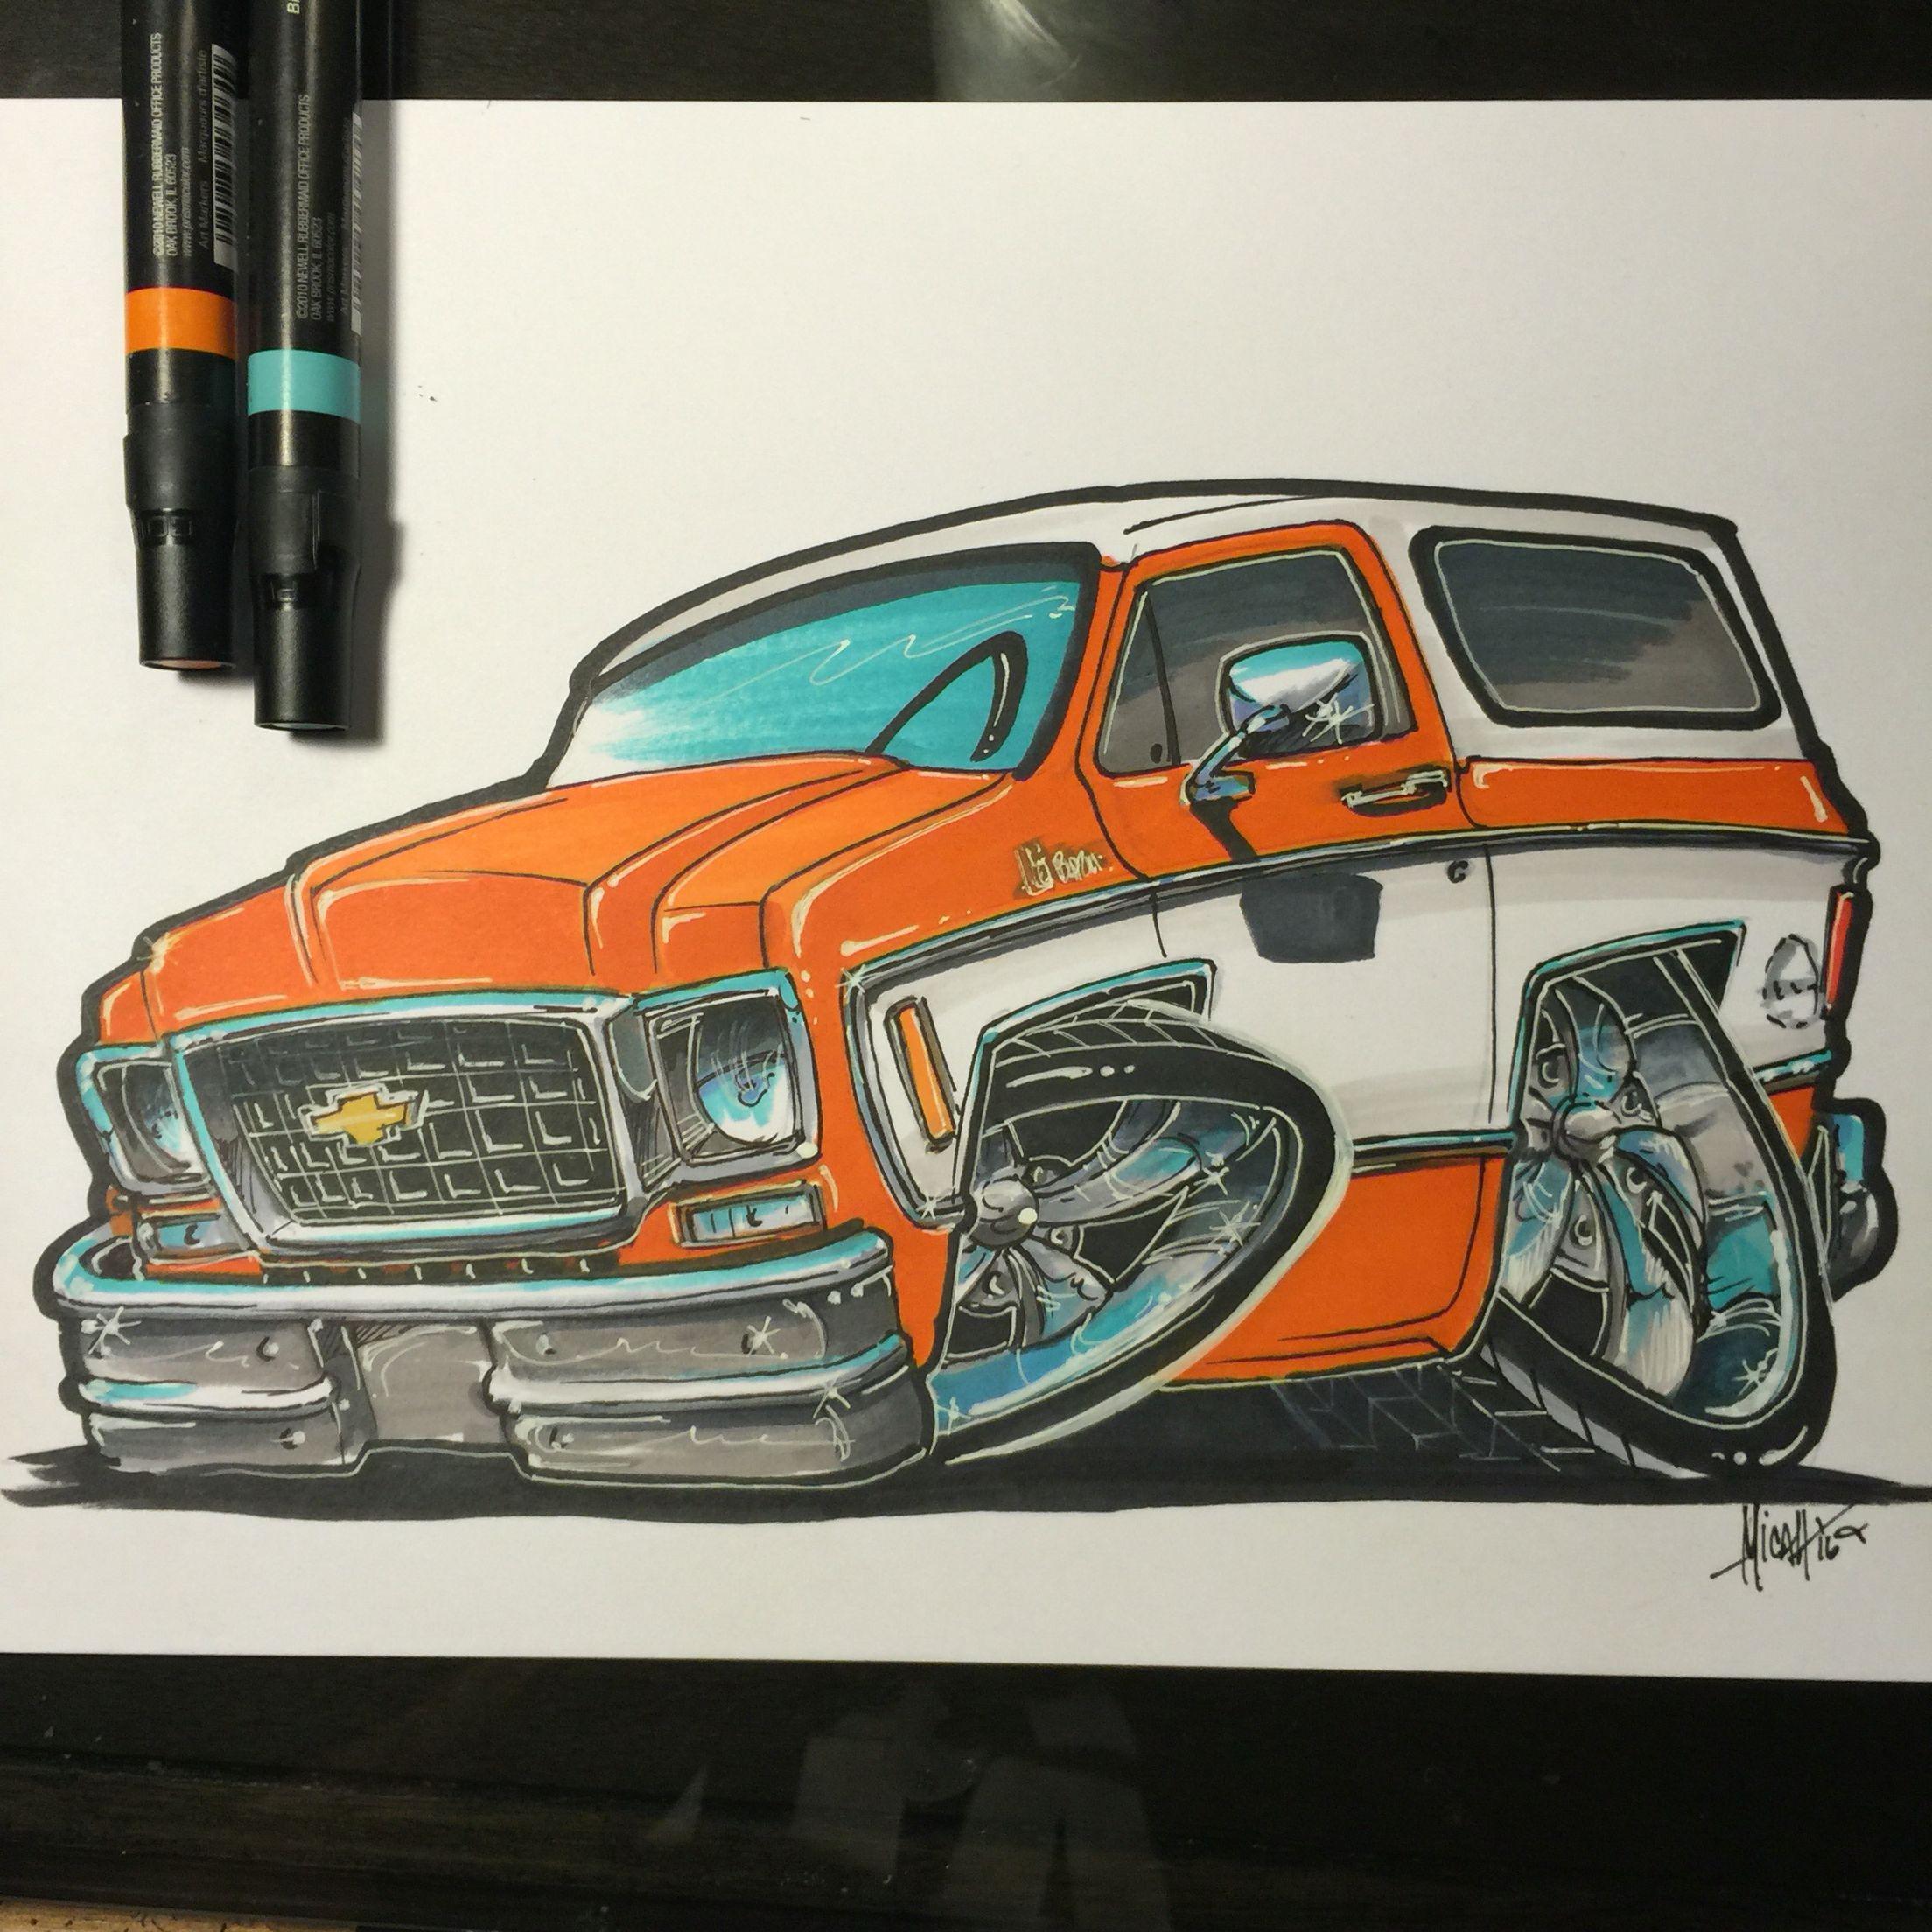 Pin de Muñozss en Chevy\'s | Pinterest | Camioneta, Mus y Caricaturas